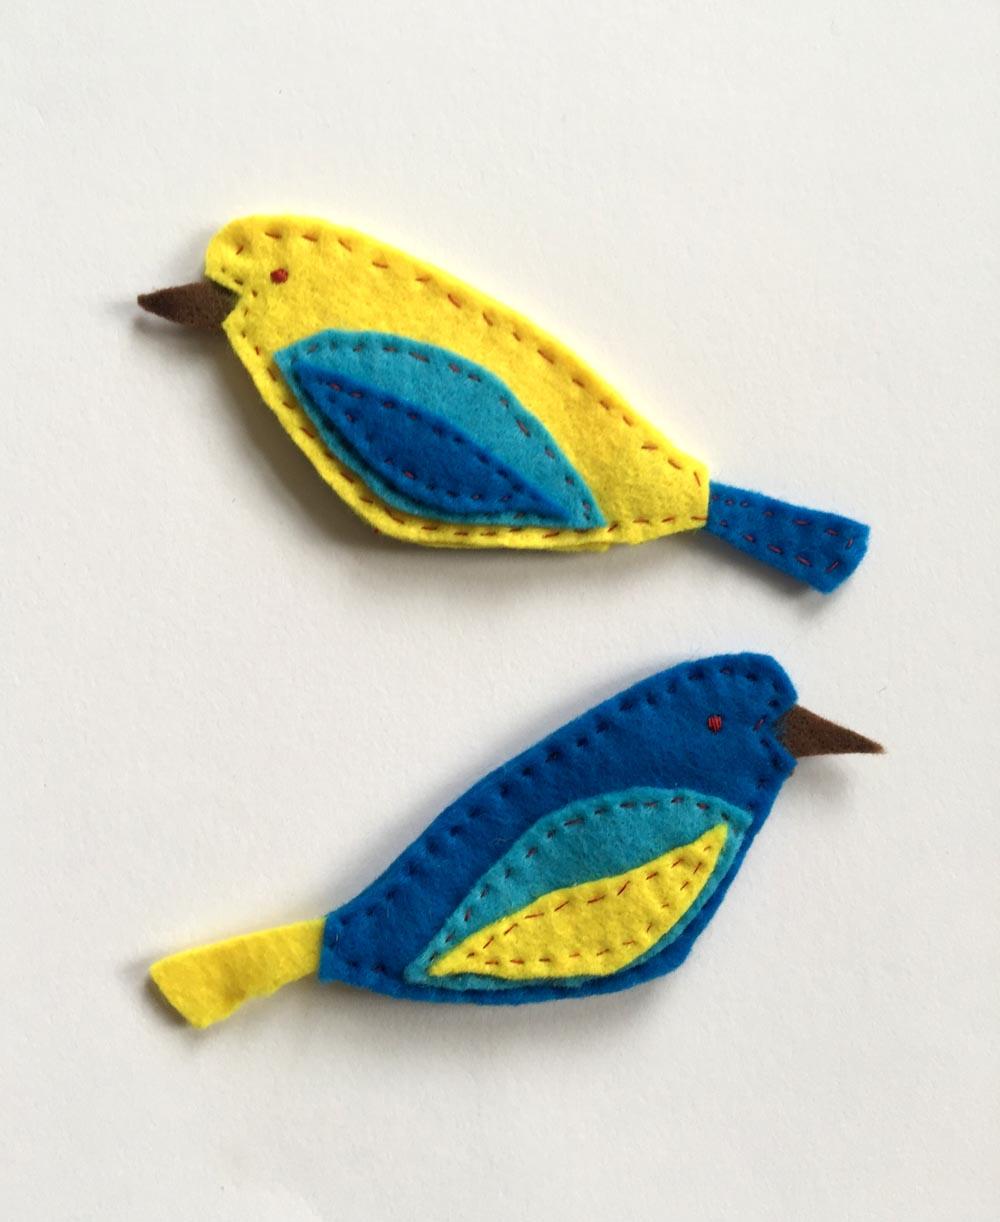 schöne Vögel aus Filz nähen, einfache Näh-Projekte für Anfänger, kostenlose Anleitung Schnittmuster selber zeichnen, Vögel aus Filz nähen, ausführliche Anleitung Filz Ornament,